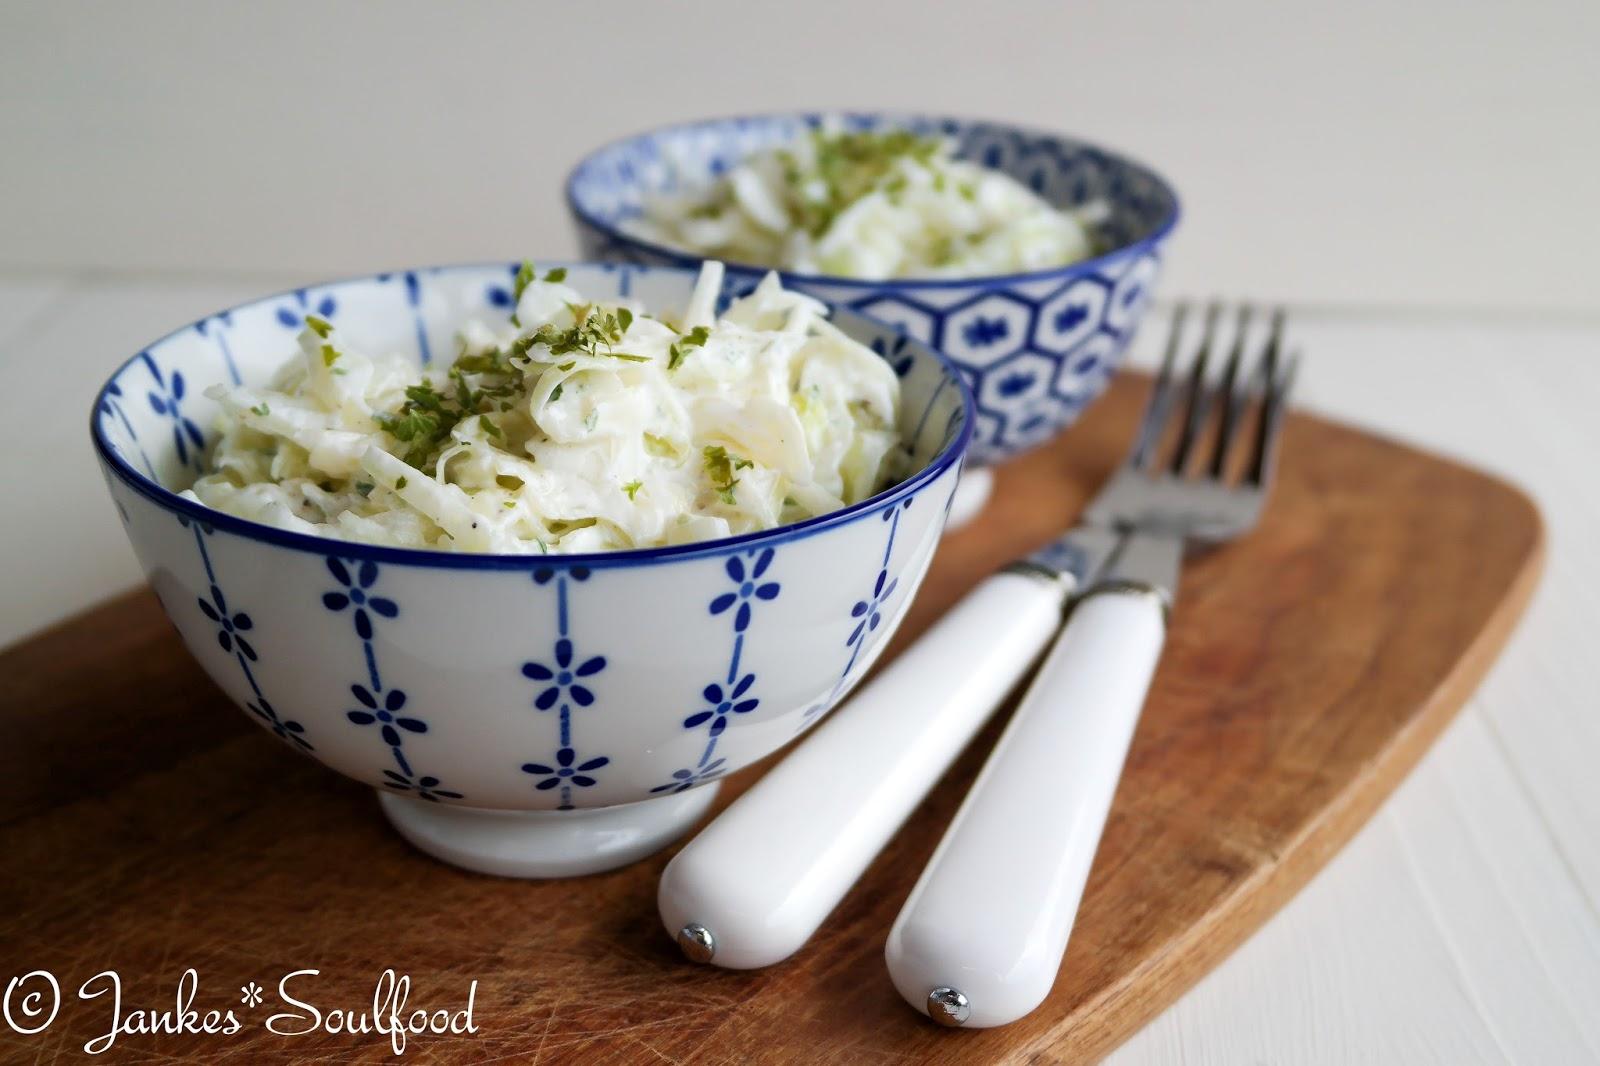 Krautsalat aus Spitzkohl